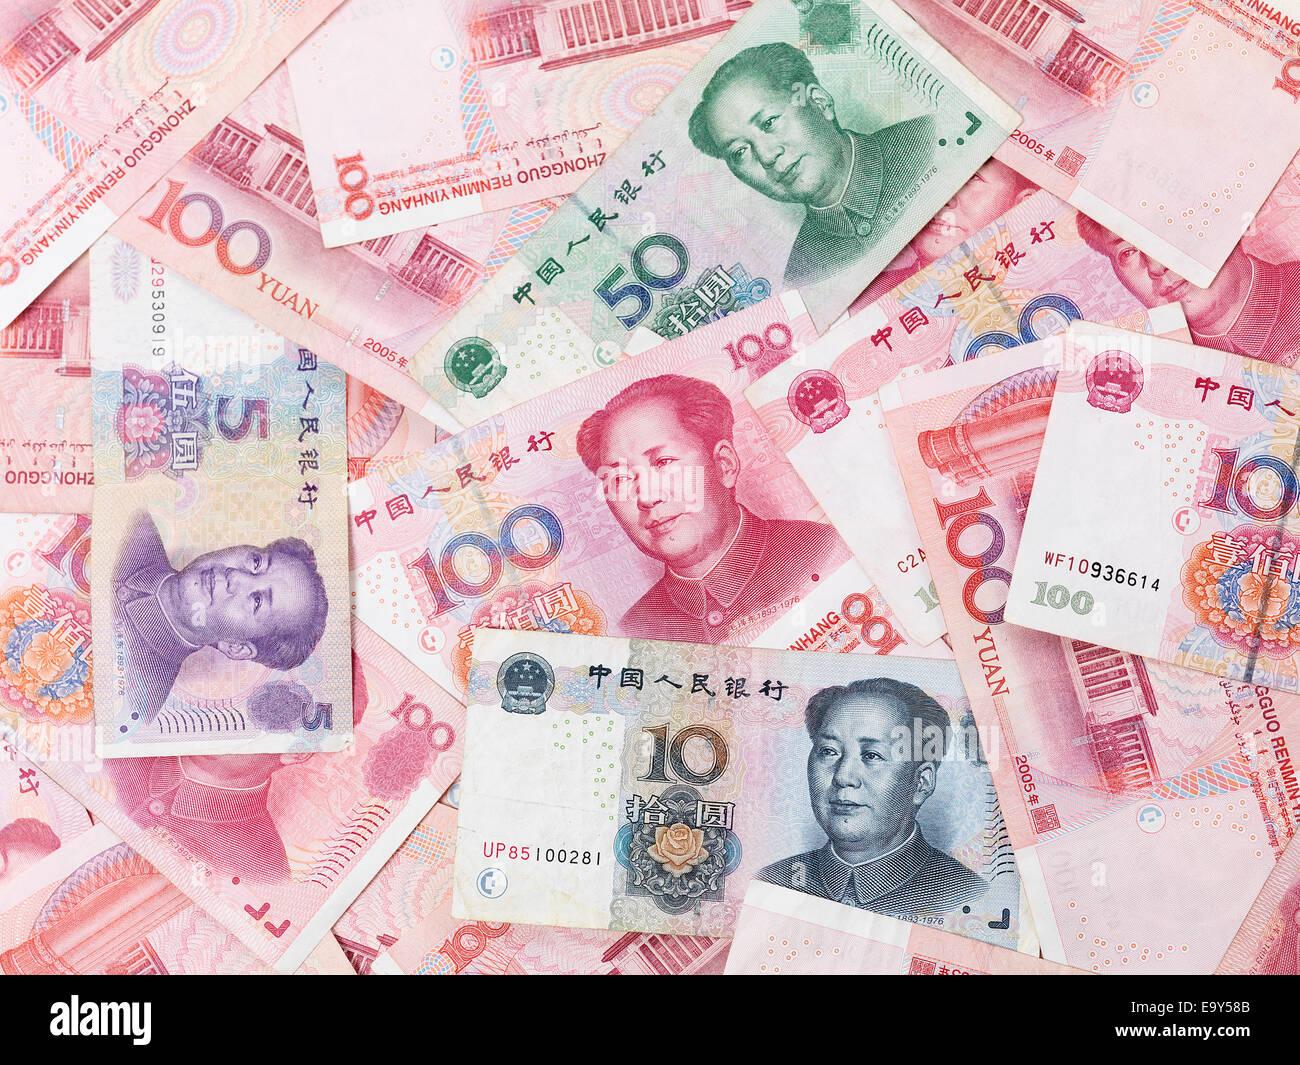 Chinesische Yuan Geld, Rechnungen, Renminbi Währung Hintergrund Stockbild